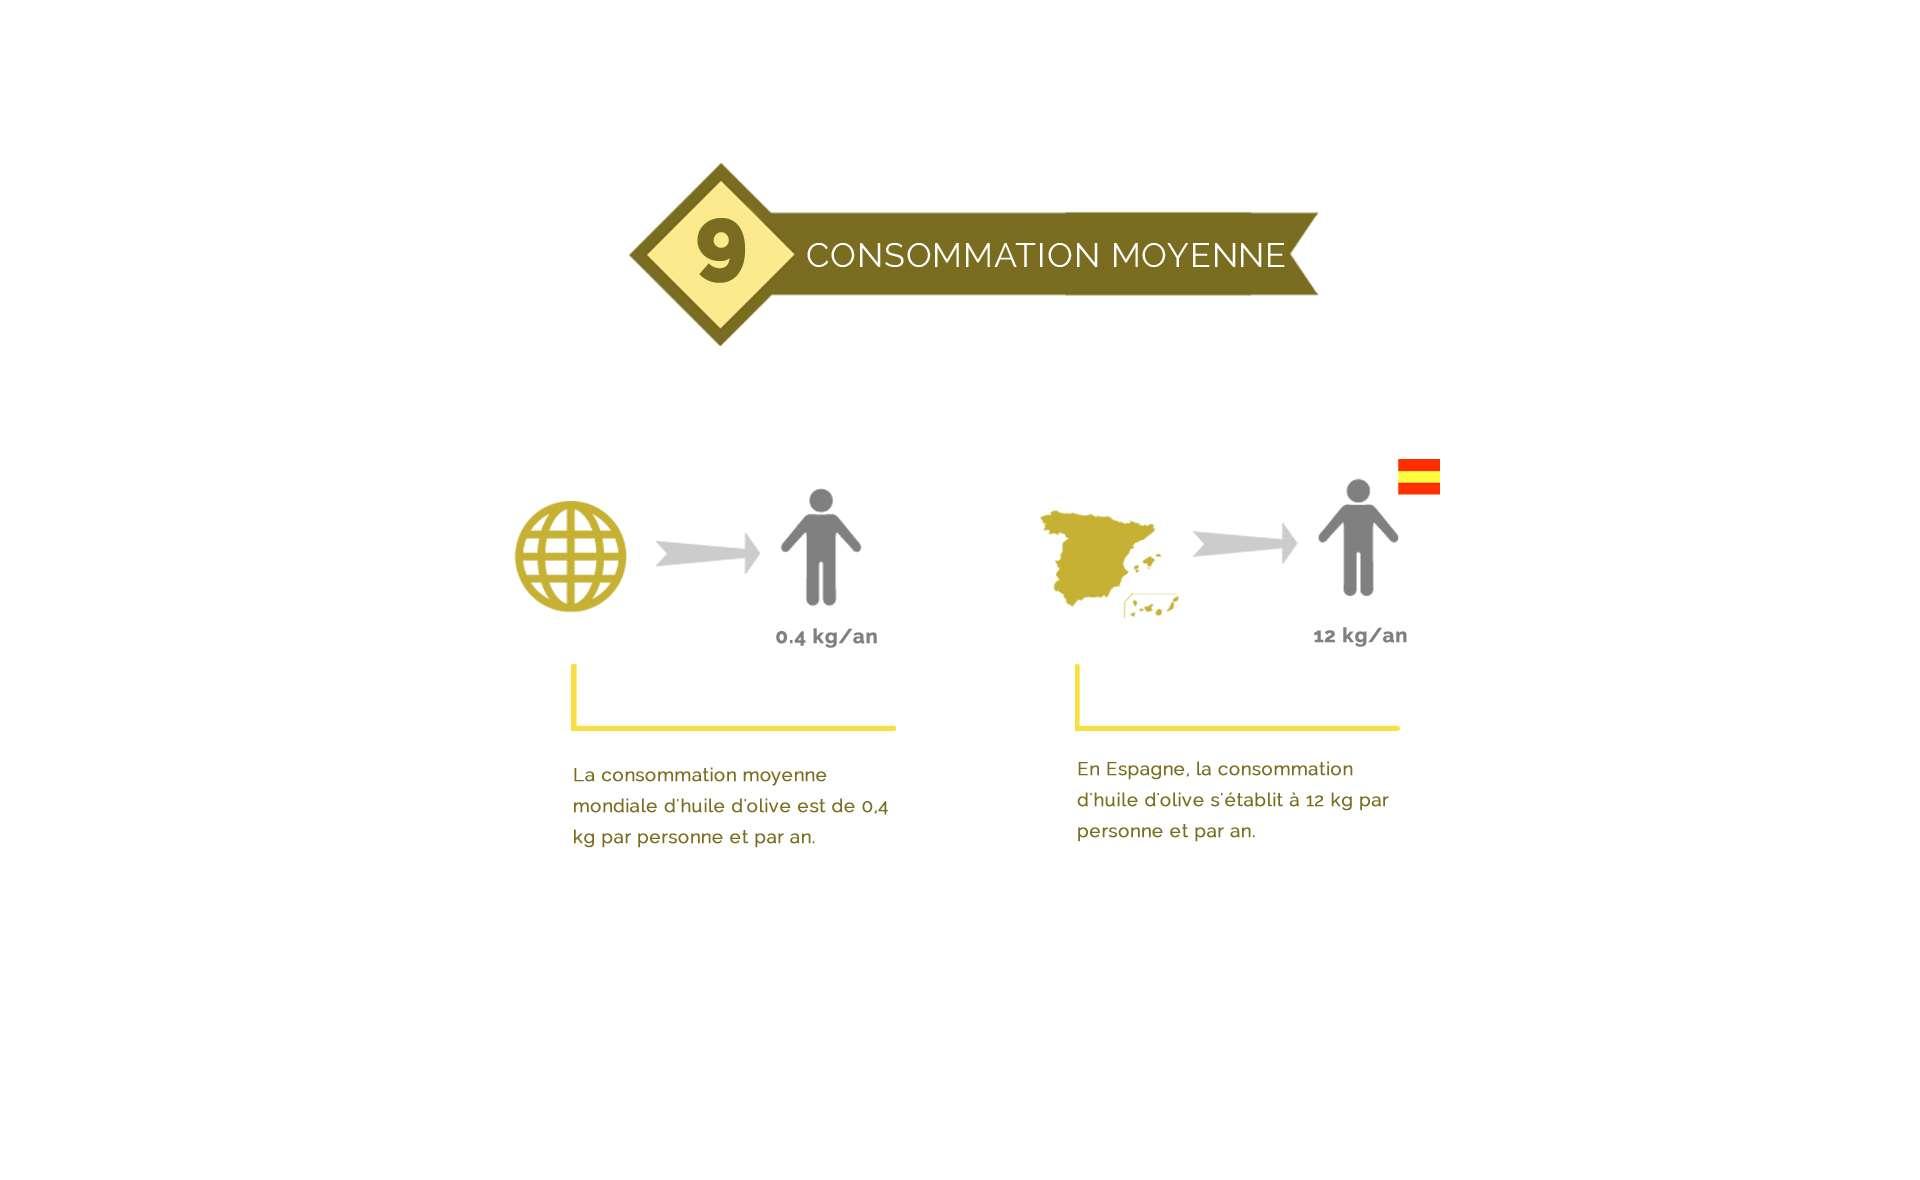 Consommation mondiale de l'huile d'olive